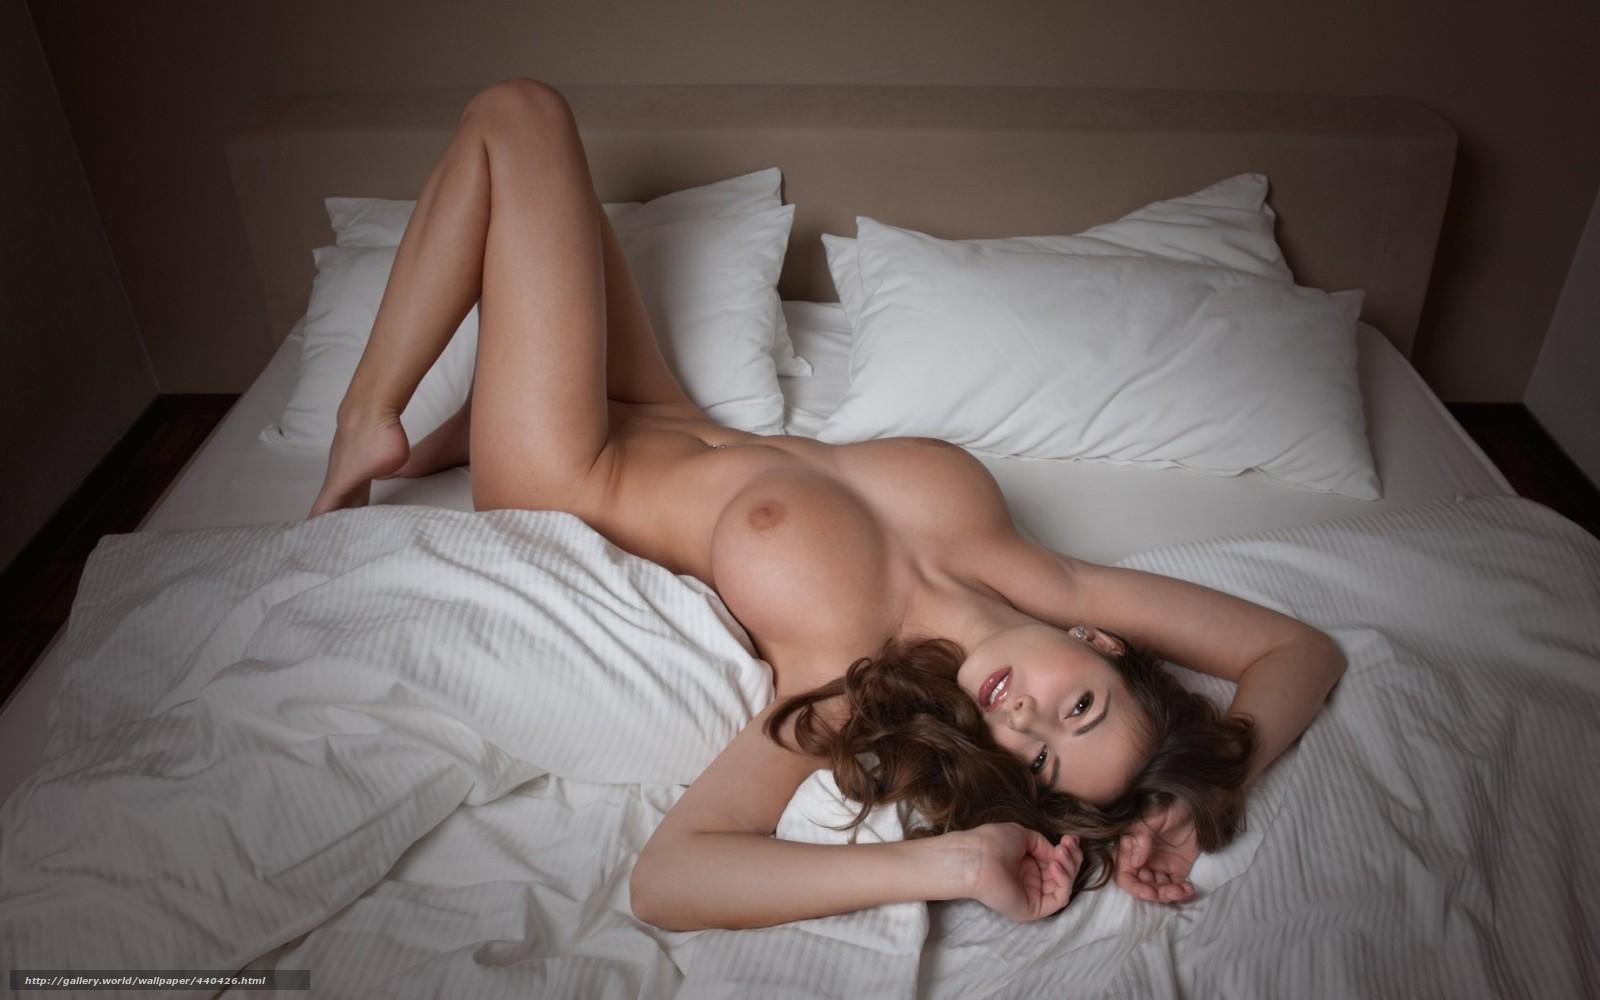 Сейчас эротические фото девушек в постели звали бороться